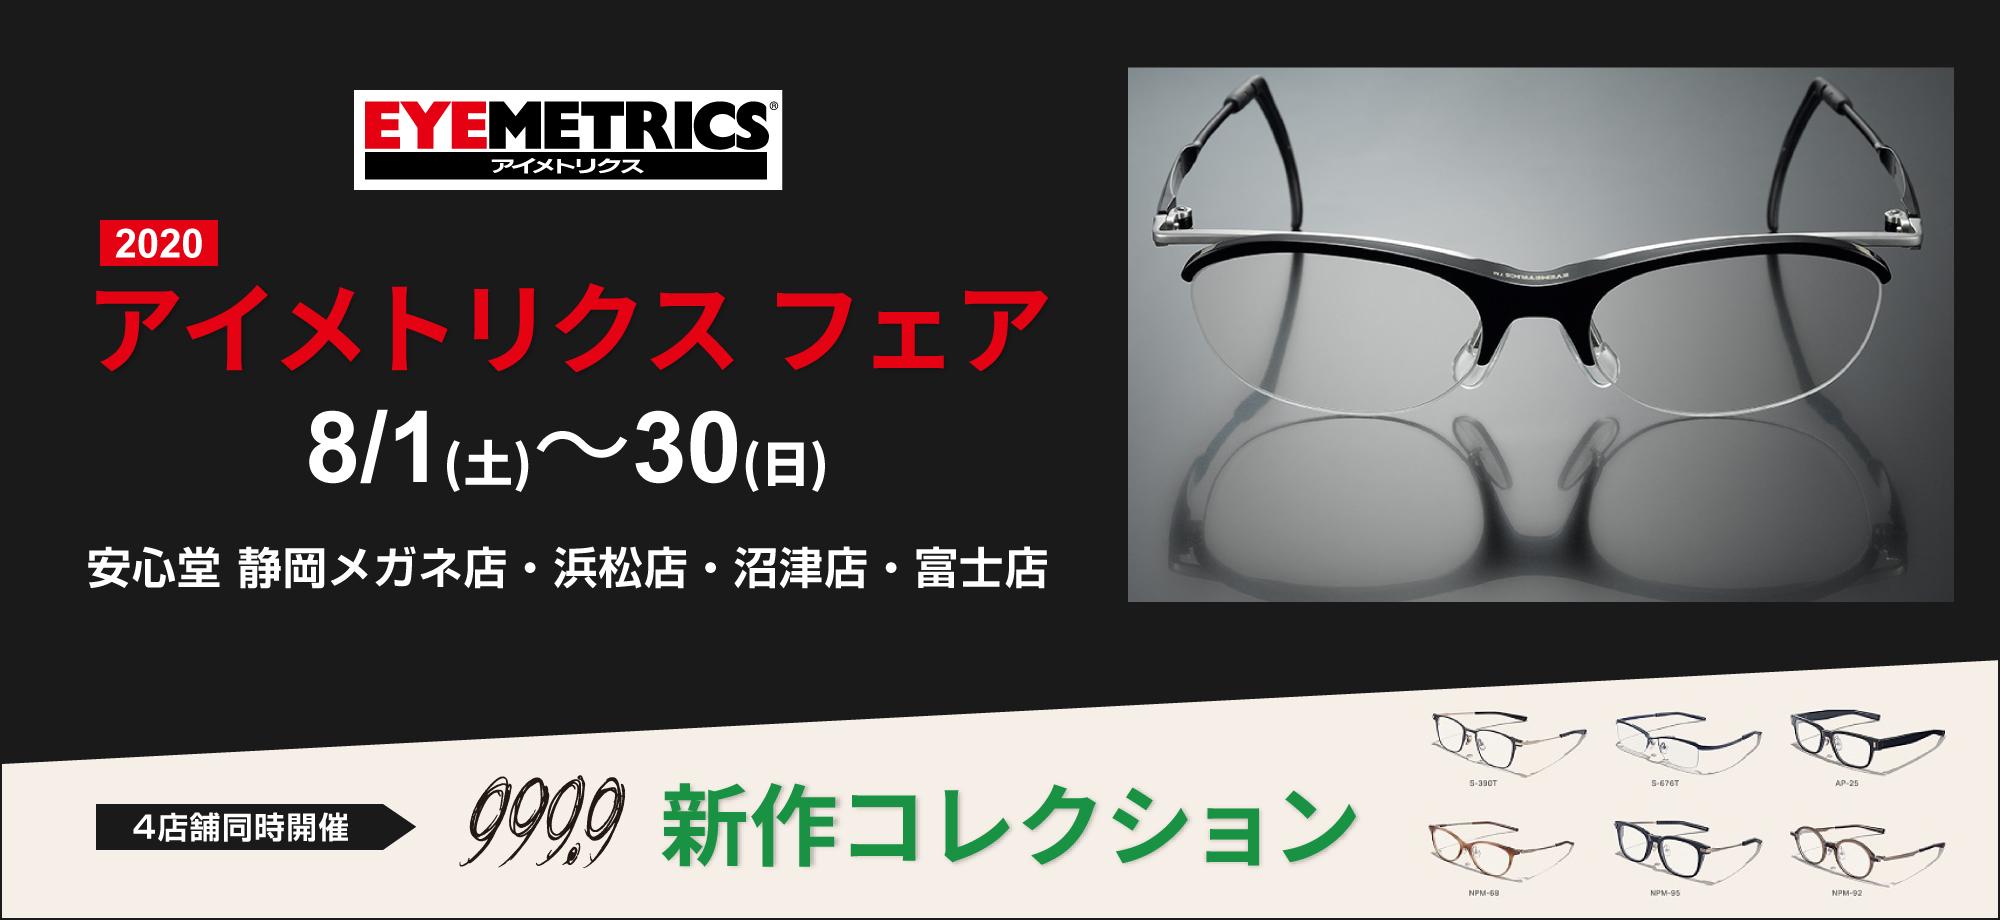 安心堂 2020 アイメトリクス フェア × 999.9 新作コレクション